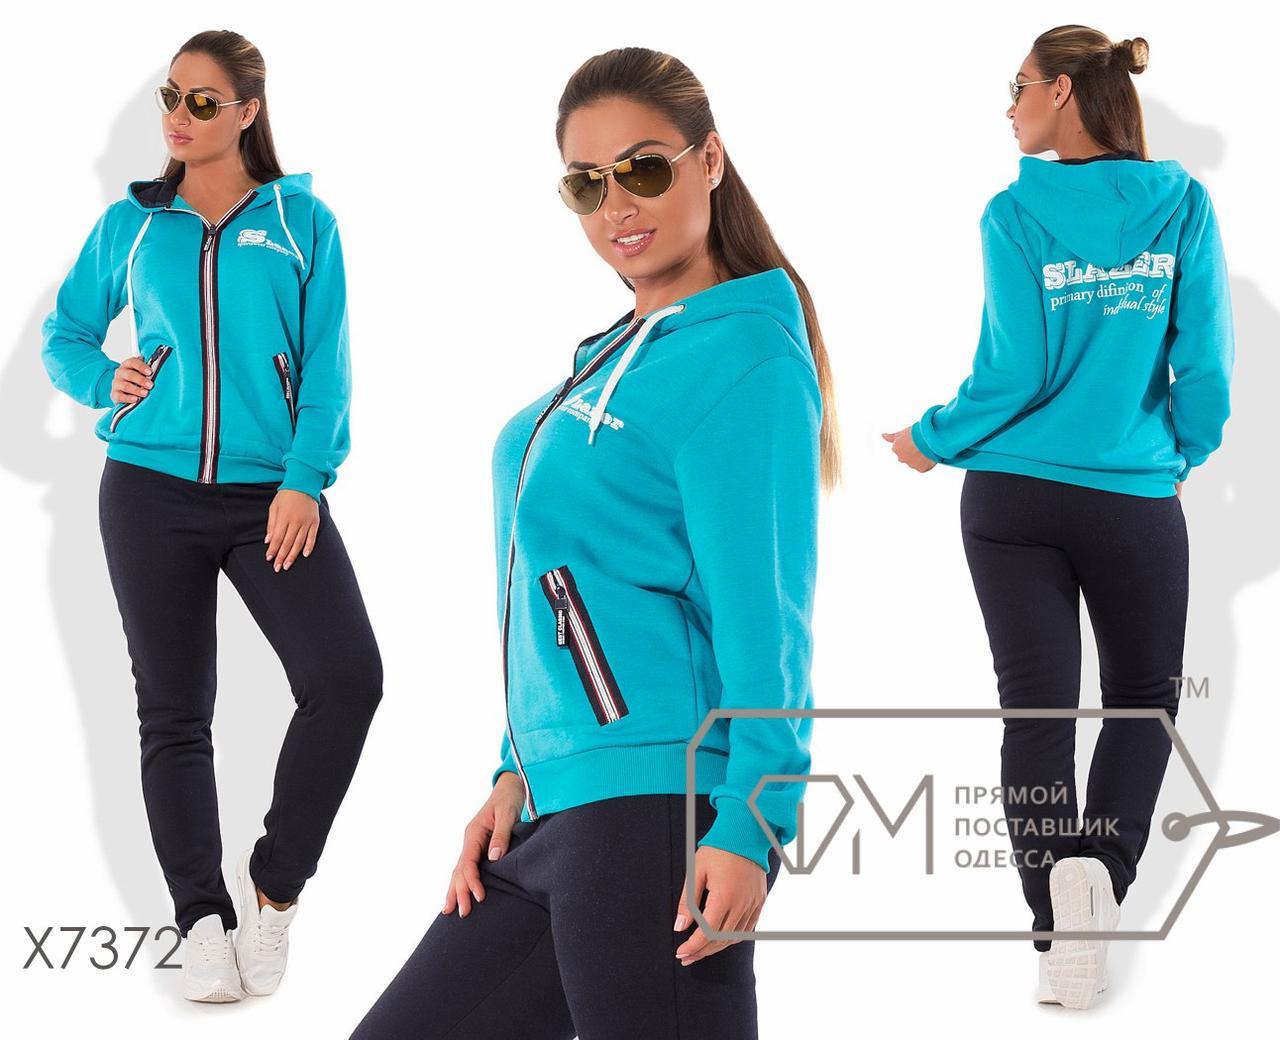 Спорткостюм из трёхнитки с начёсом - олимпийка на молнии с капюшоном, косыми карманами и контрастной отделкой плюс прямые штаны X7372